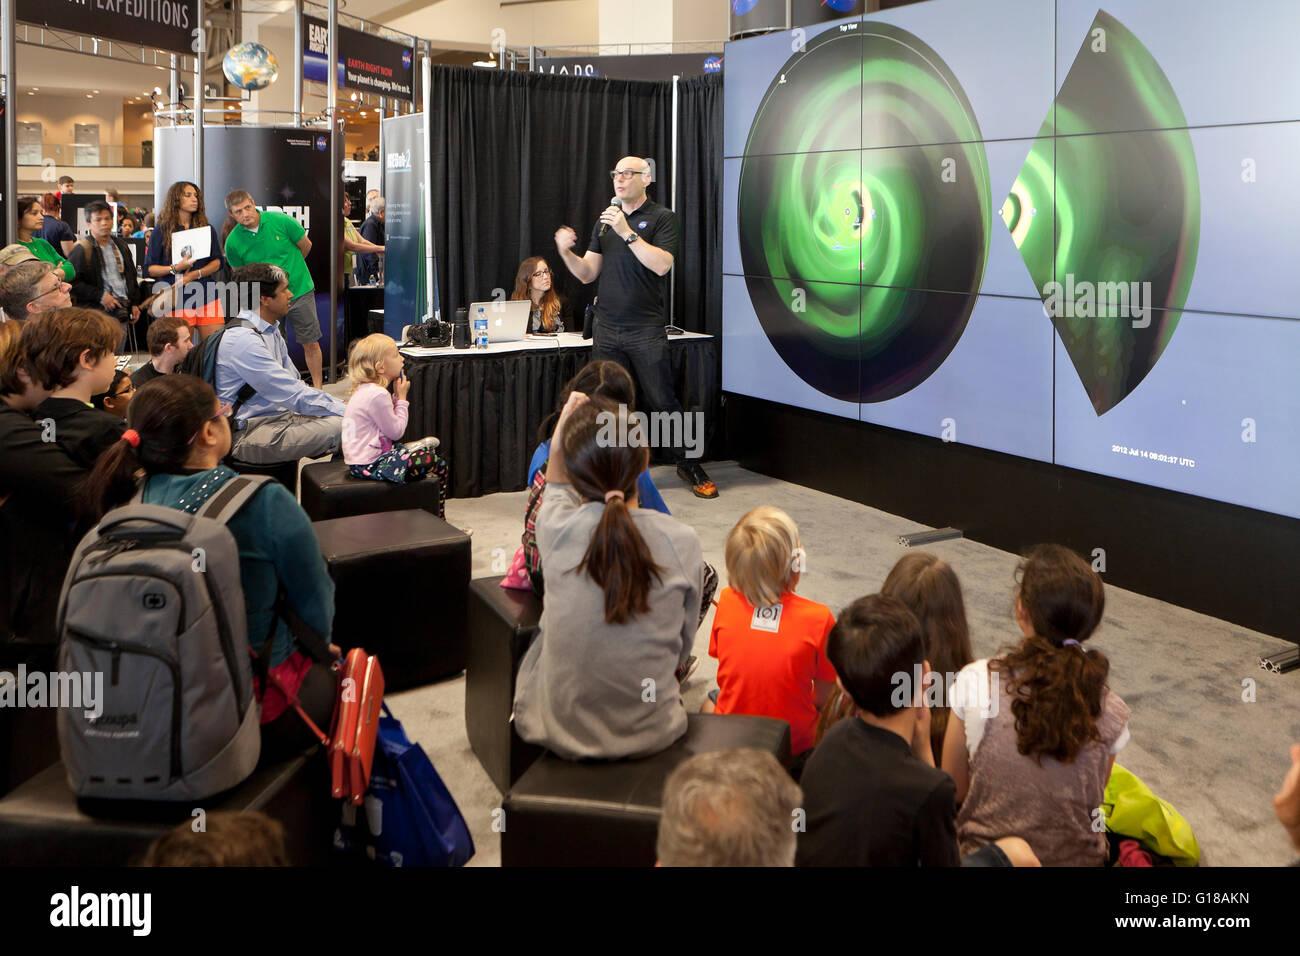 Científico de la NASA de sermonear a los niños sobre el espacio en la feria de ciencias - EE.UU. Imagen De Stock